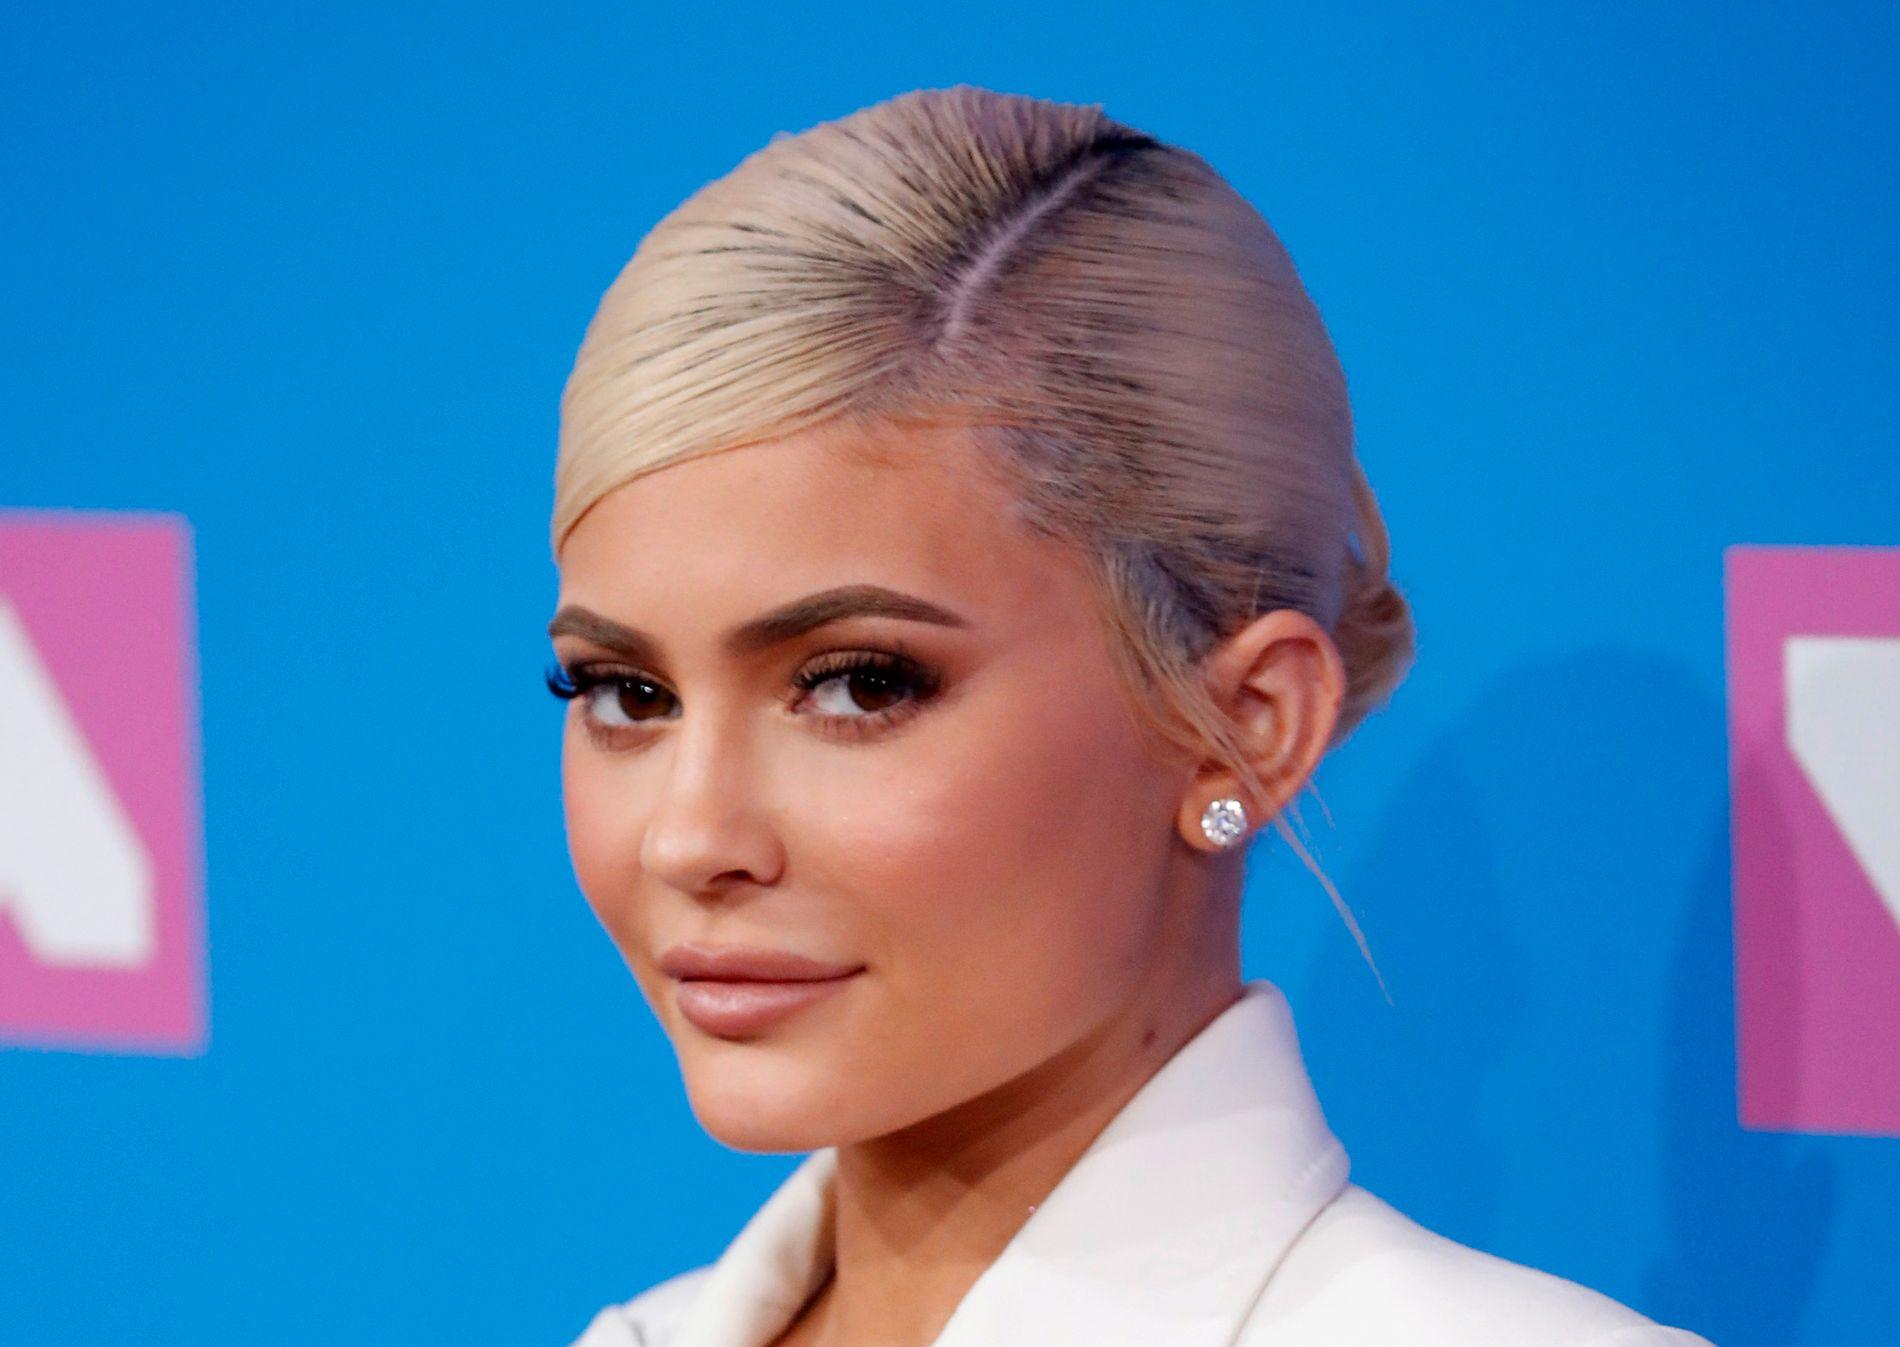 REALITYSTJERNEN: For mange er Kylie Jenner kjent som den yngste i Kardashian-klanen.